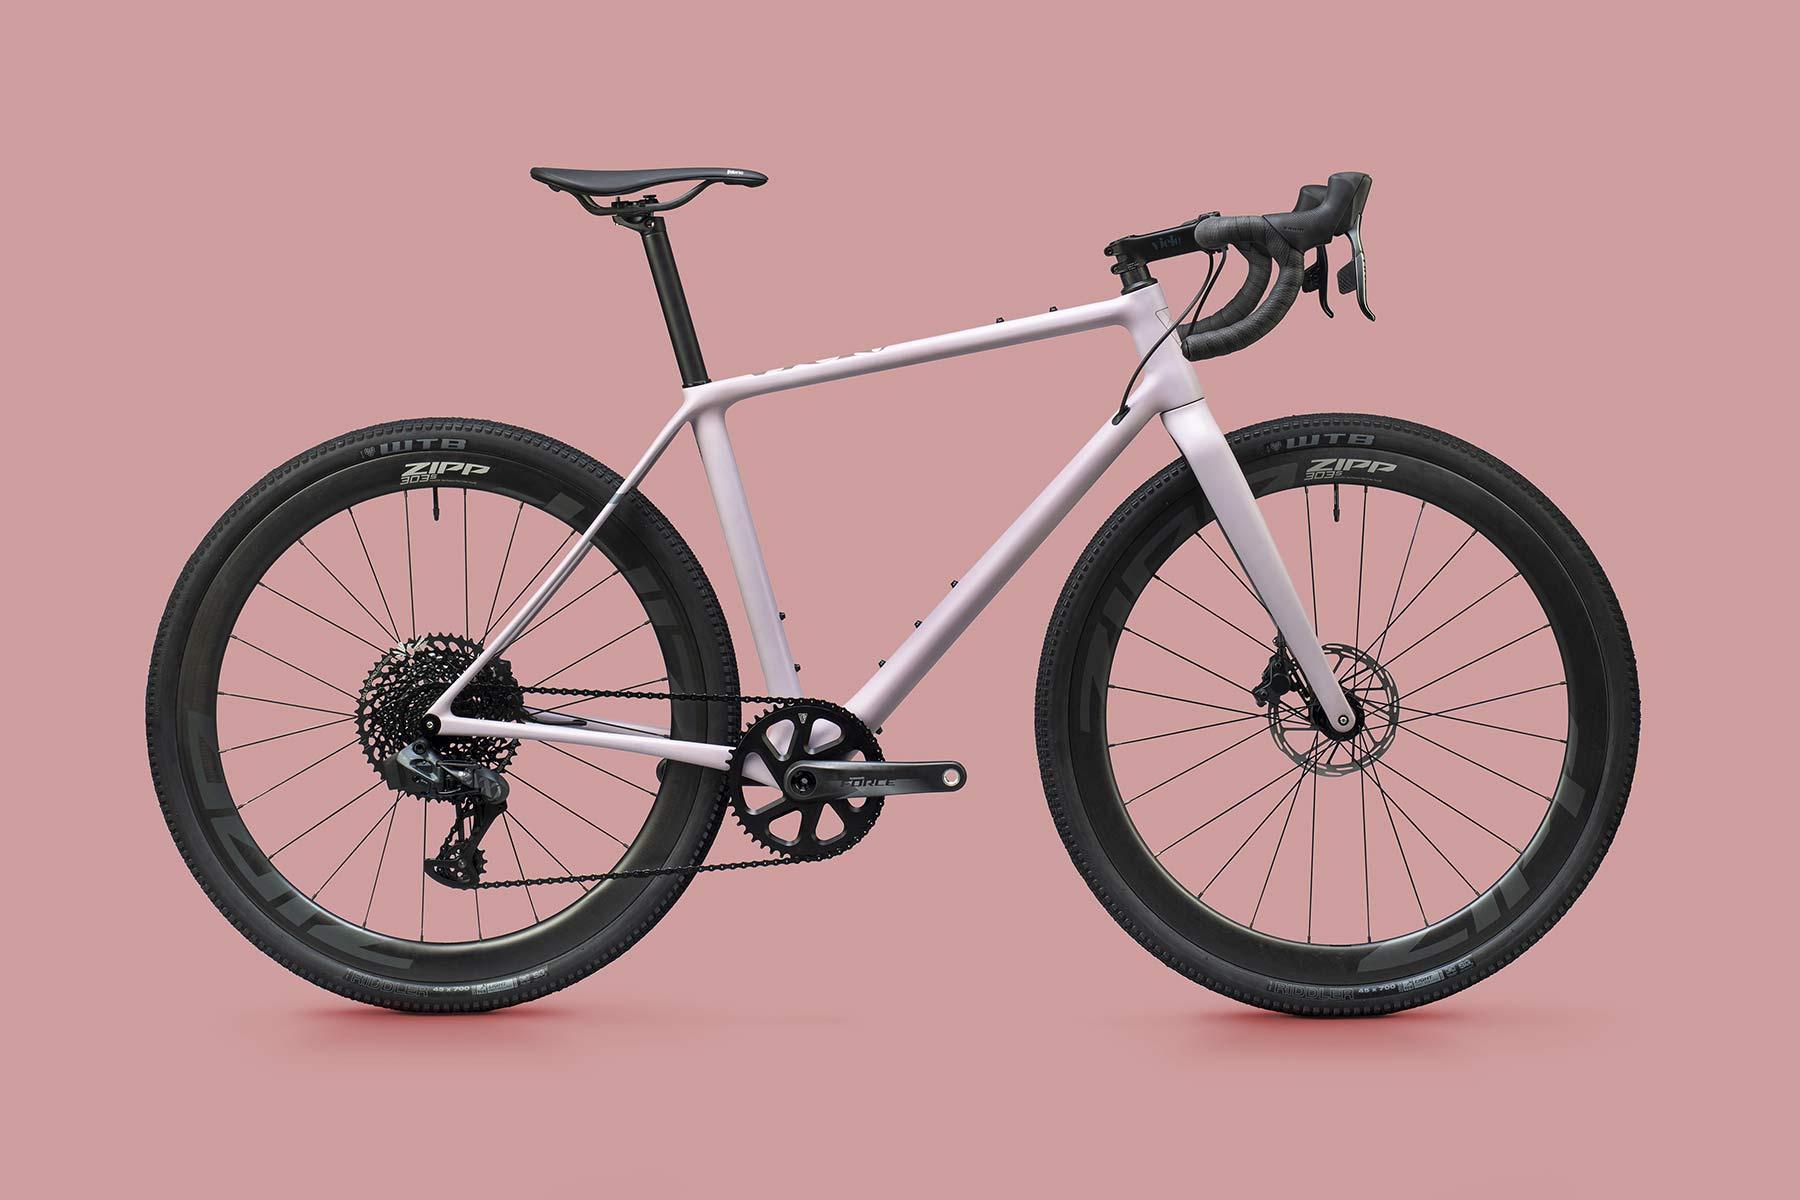 Vielo V+1 gravel bike, updated gen2 lightweight carbon fast gravel race bikes